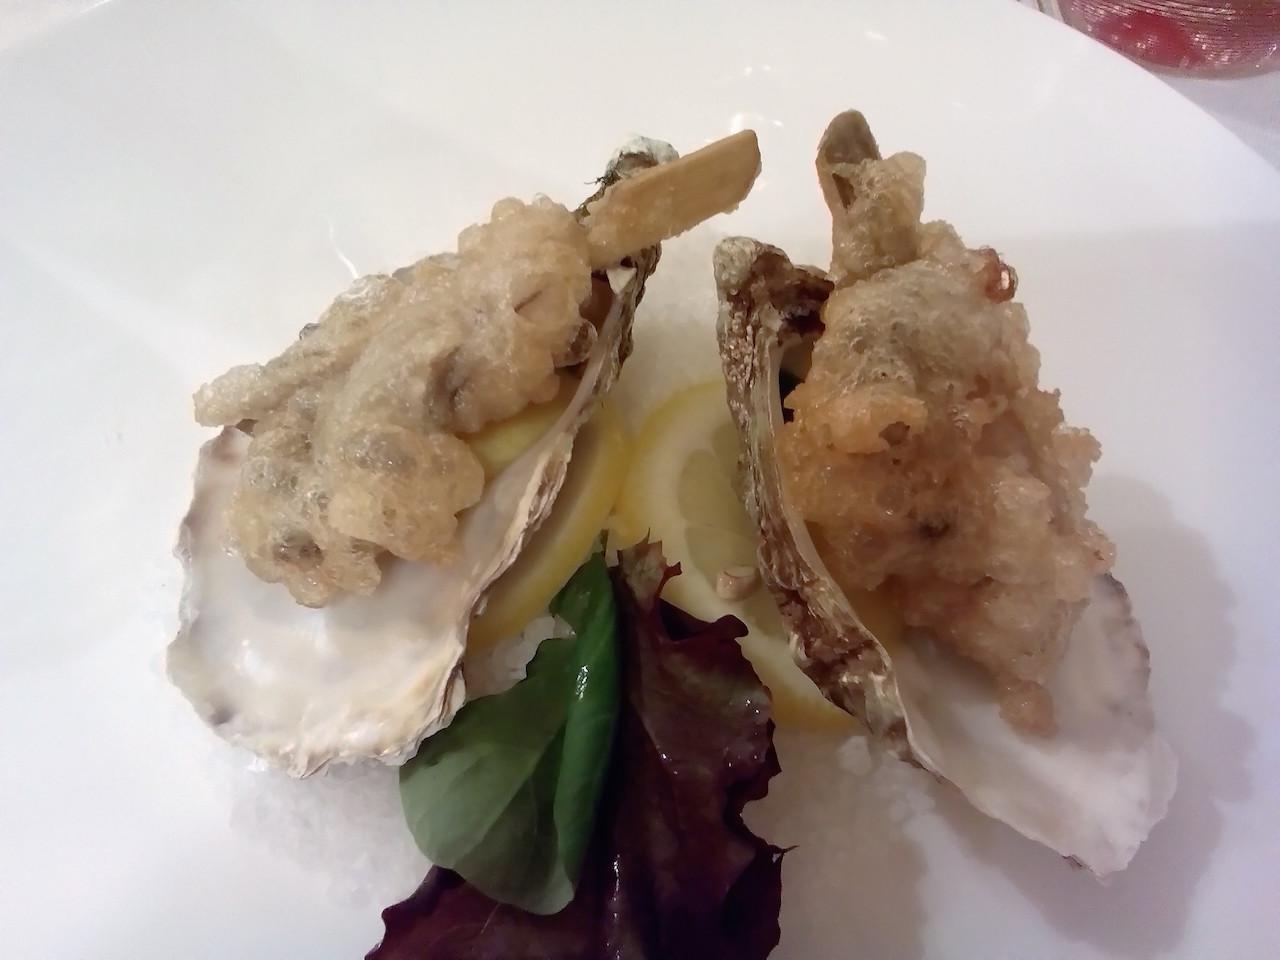 リストランテ『ダ・フィオーレ』と、あるマエストロの昼食